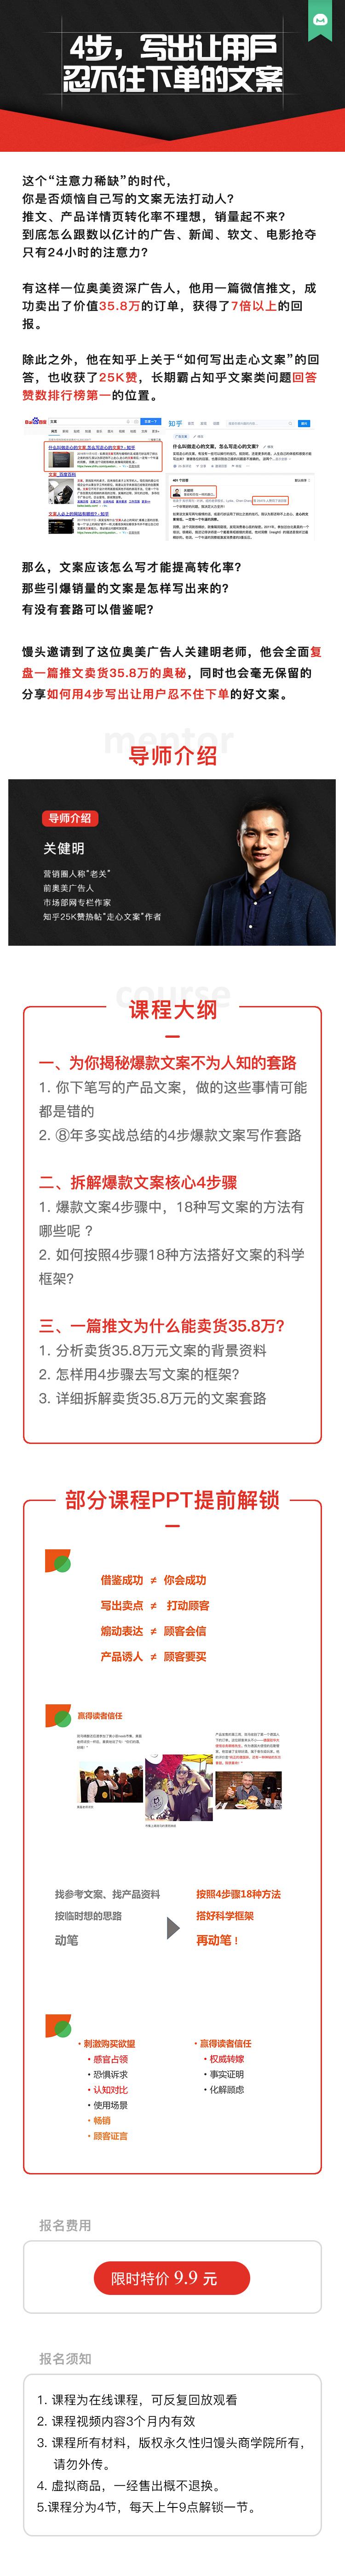 http://mtedu-img.oss-cn-beijing-internal.aliyuncs.com/ueditor/20171121155440_155874.jpg